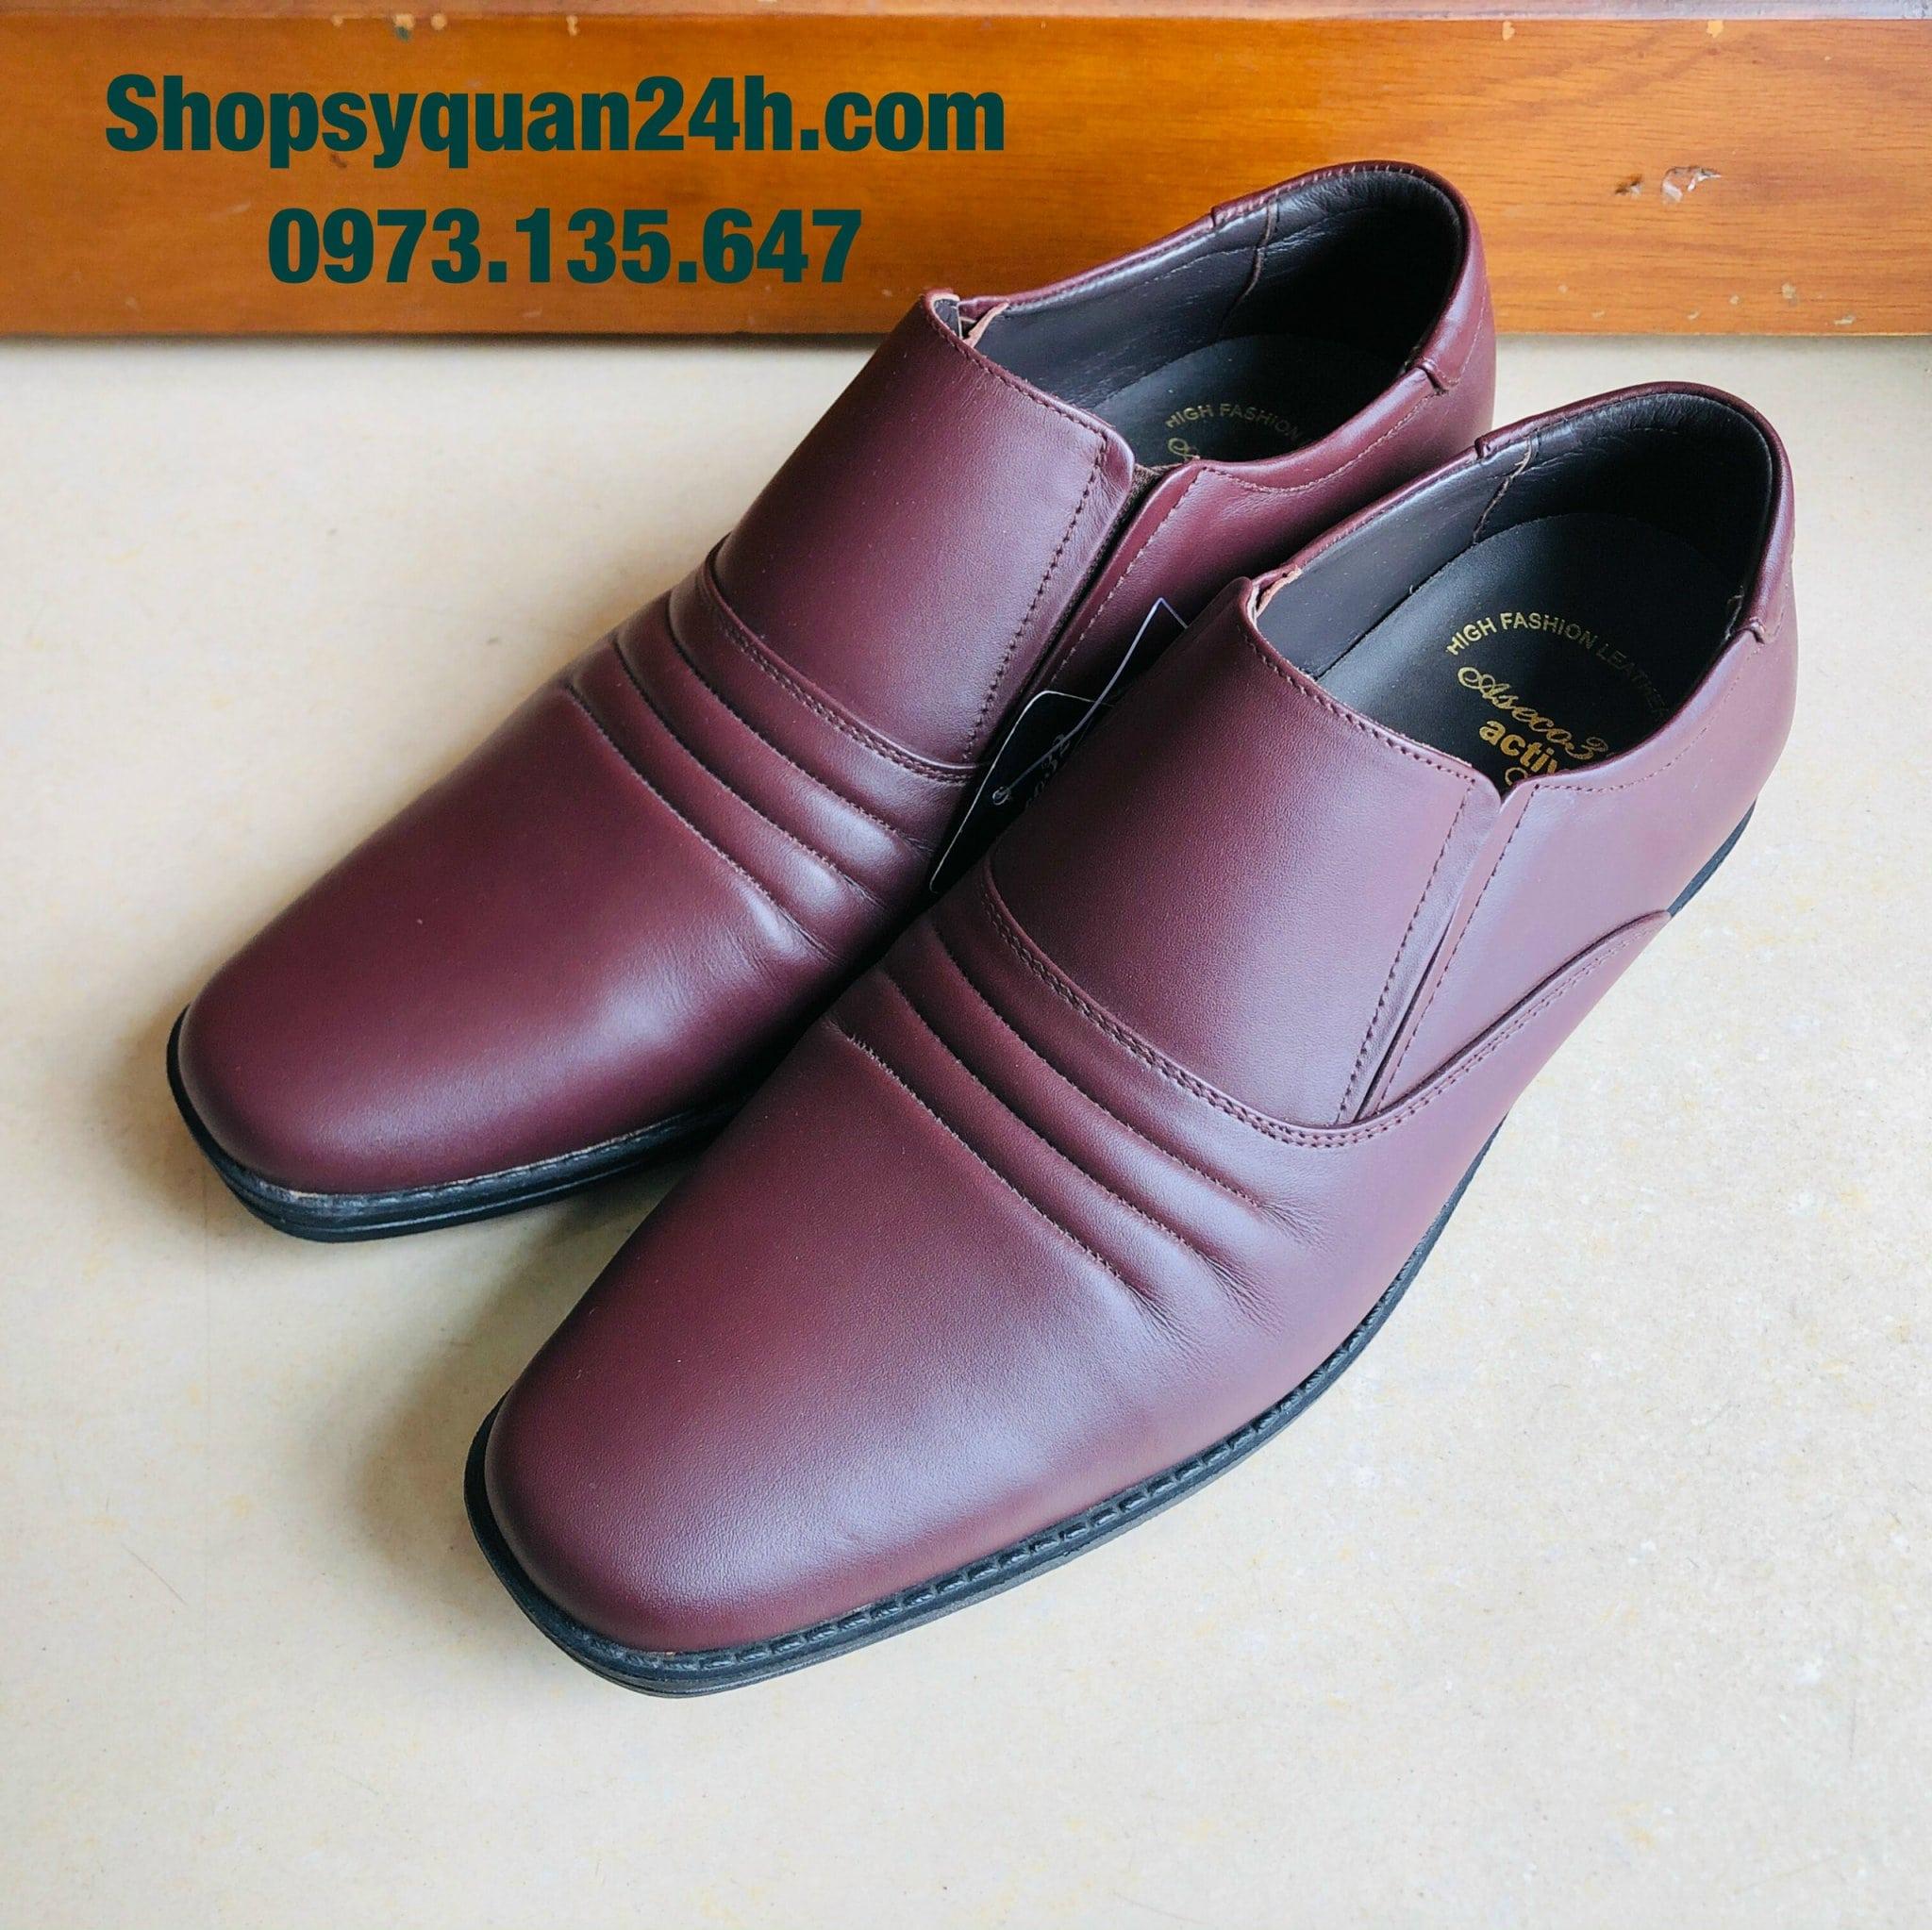 Giày Da Công Sở 3 Sọc Da Cừu Đế Hơi Mã FFM-714-AIR-1 (NÂU)